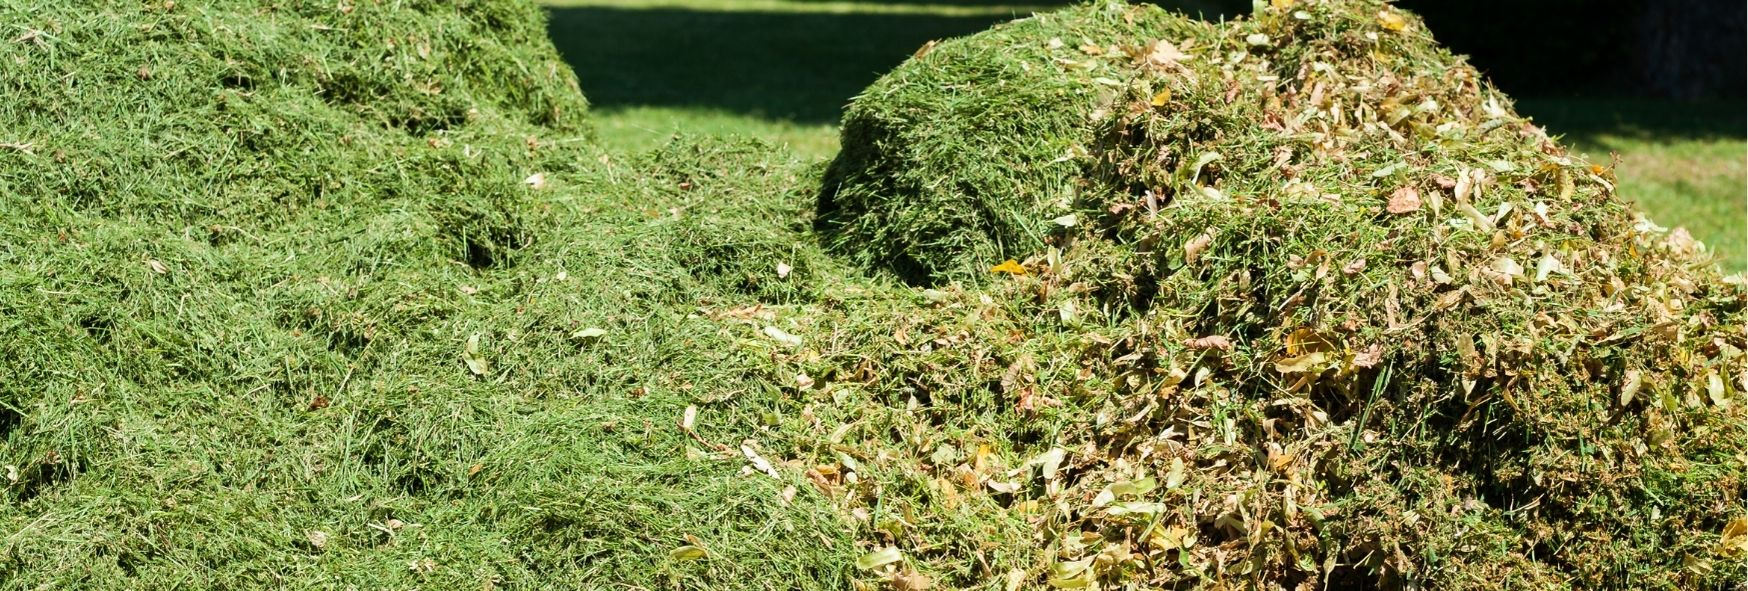 Gras _ bladeren